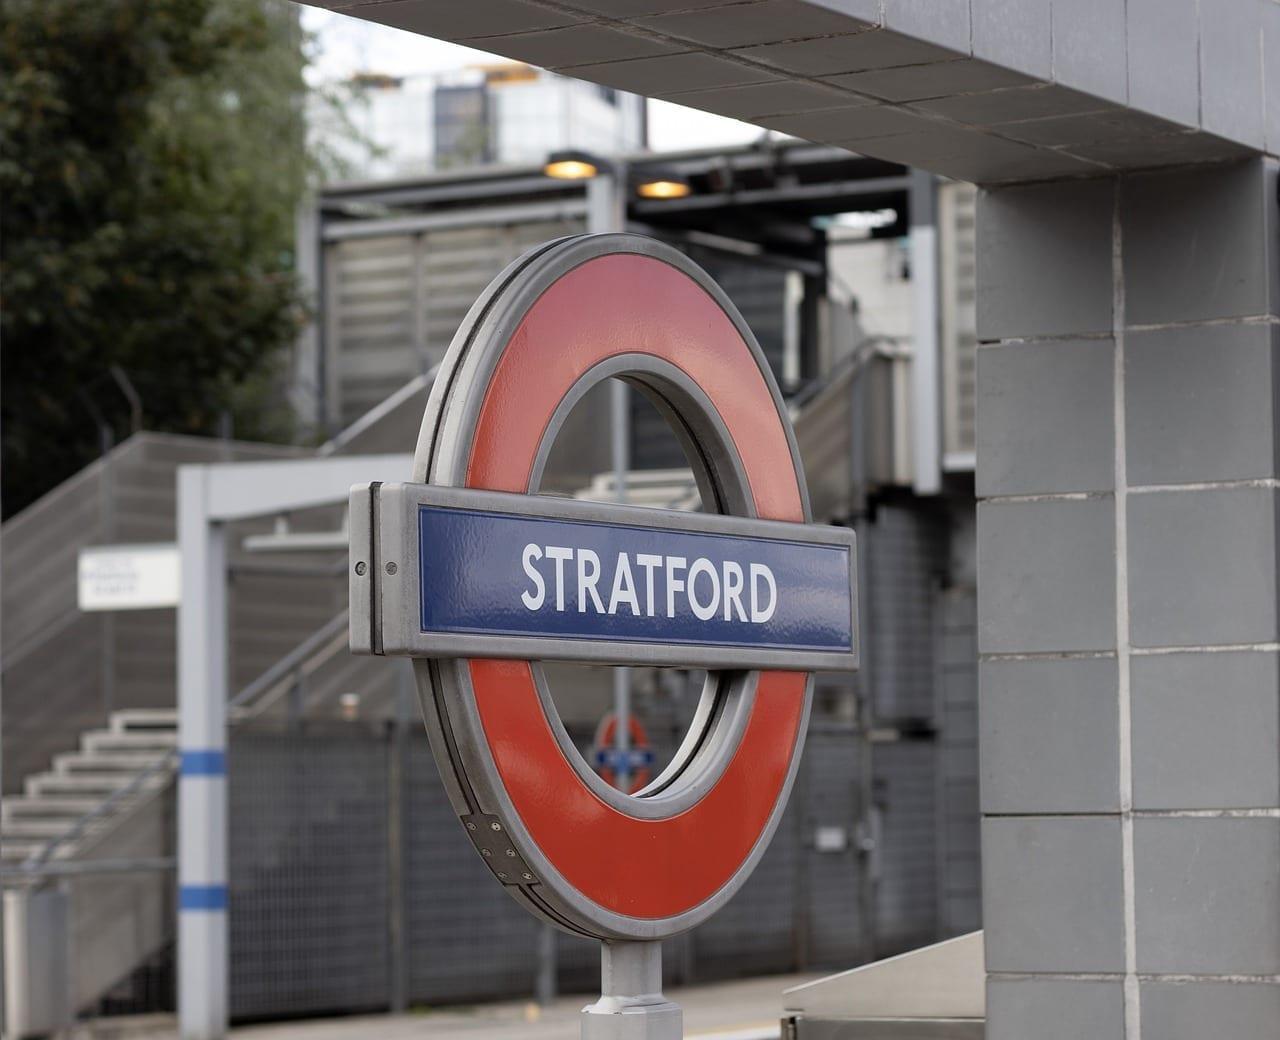 La Estación De Stratford Ferrocarril Signo Canadá